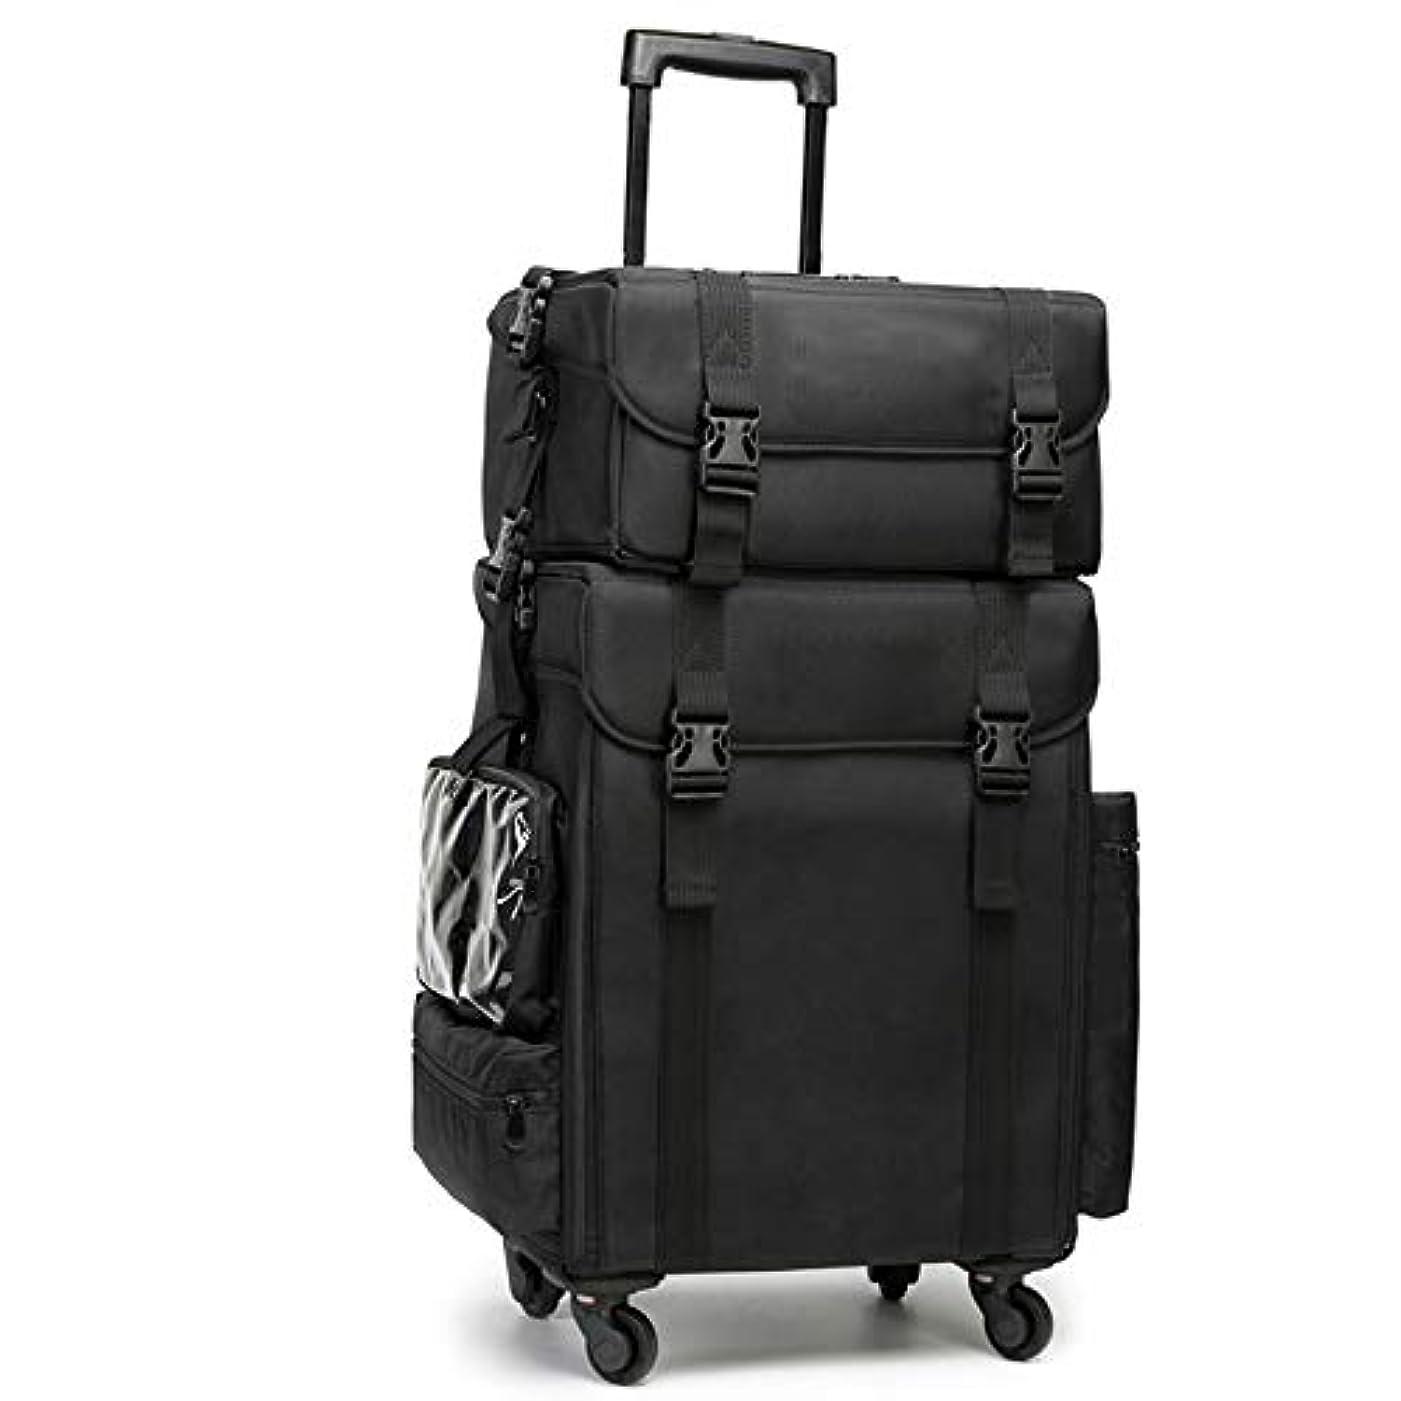 私たちアスリート修正GOGOS メイクボックス 大容量 プロ仕様 コスメボックス スーツケース型 化粧品収納ボックス 美容師 アーティスト バッグ ケース 4輪 キャスター付き 防水 出張 携帯 便利